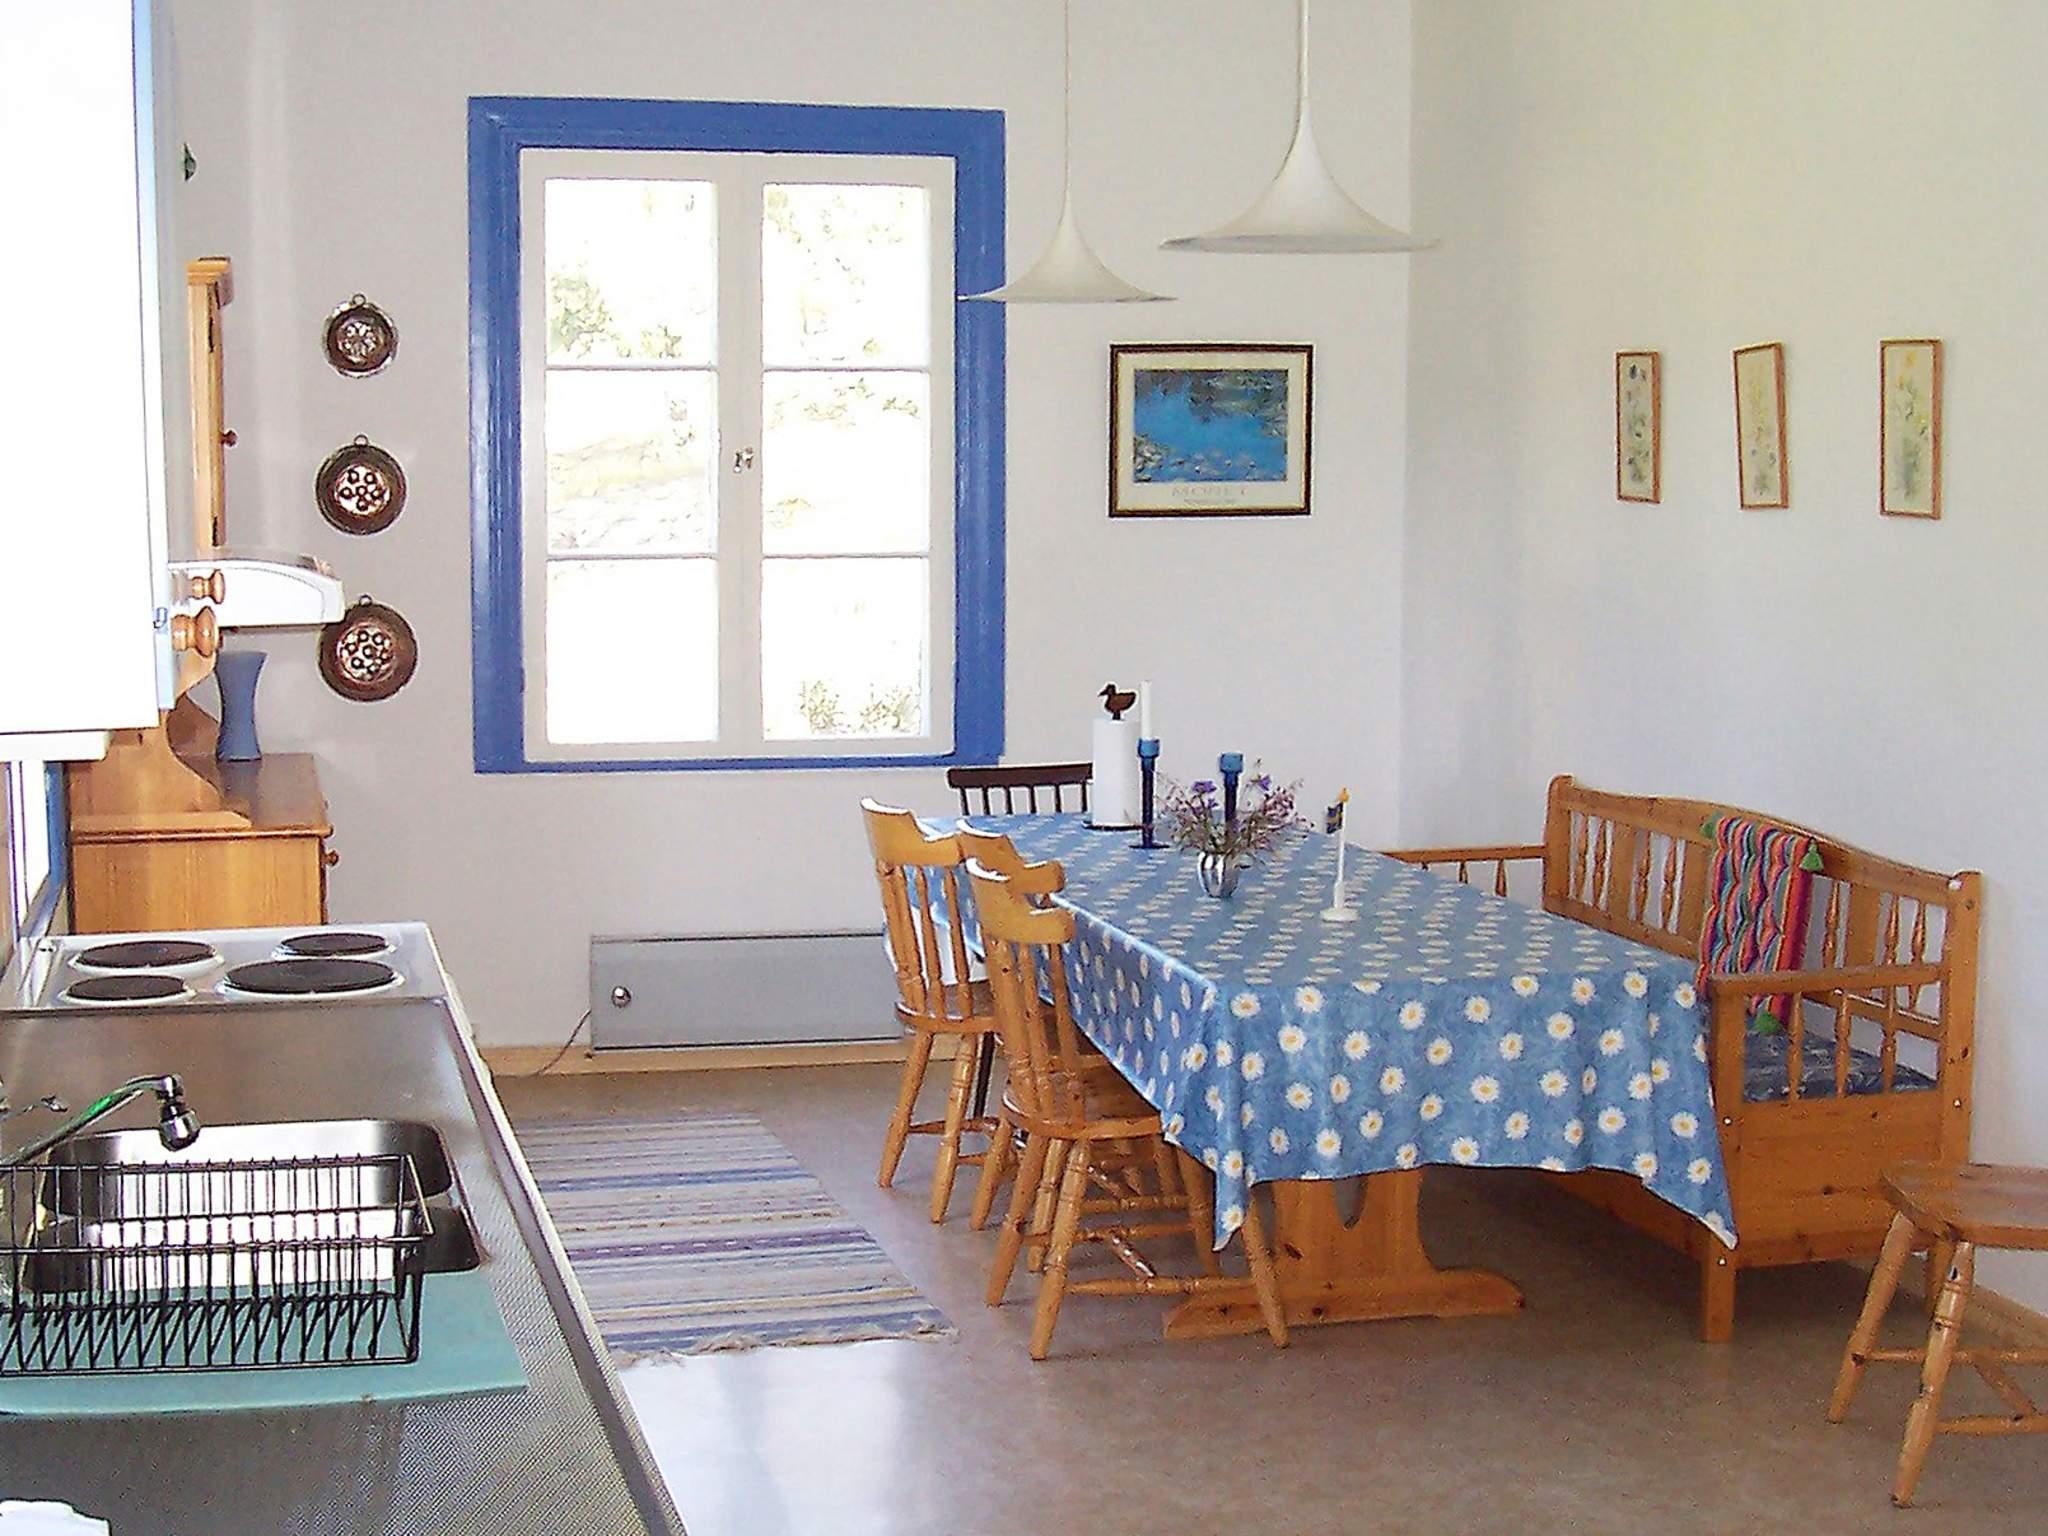 Ferienhaus Tving (135628), Tving, Blekinge län, Südschweden, Schweden, Bild 13